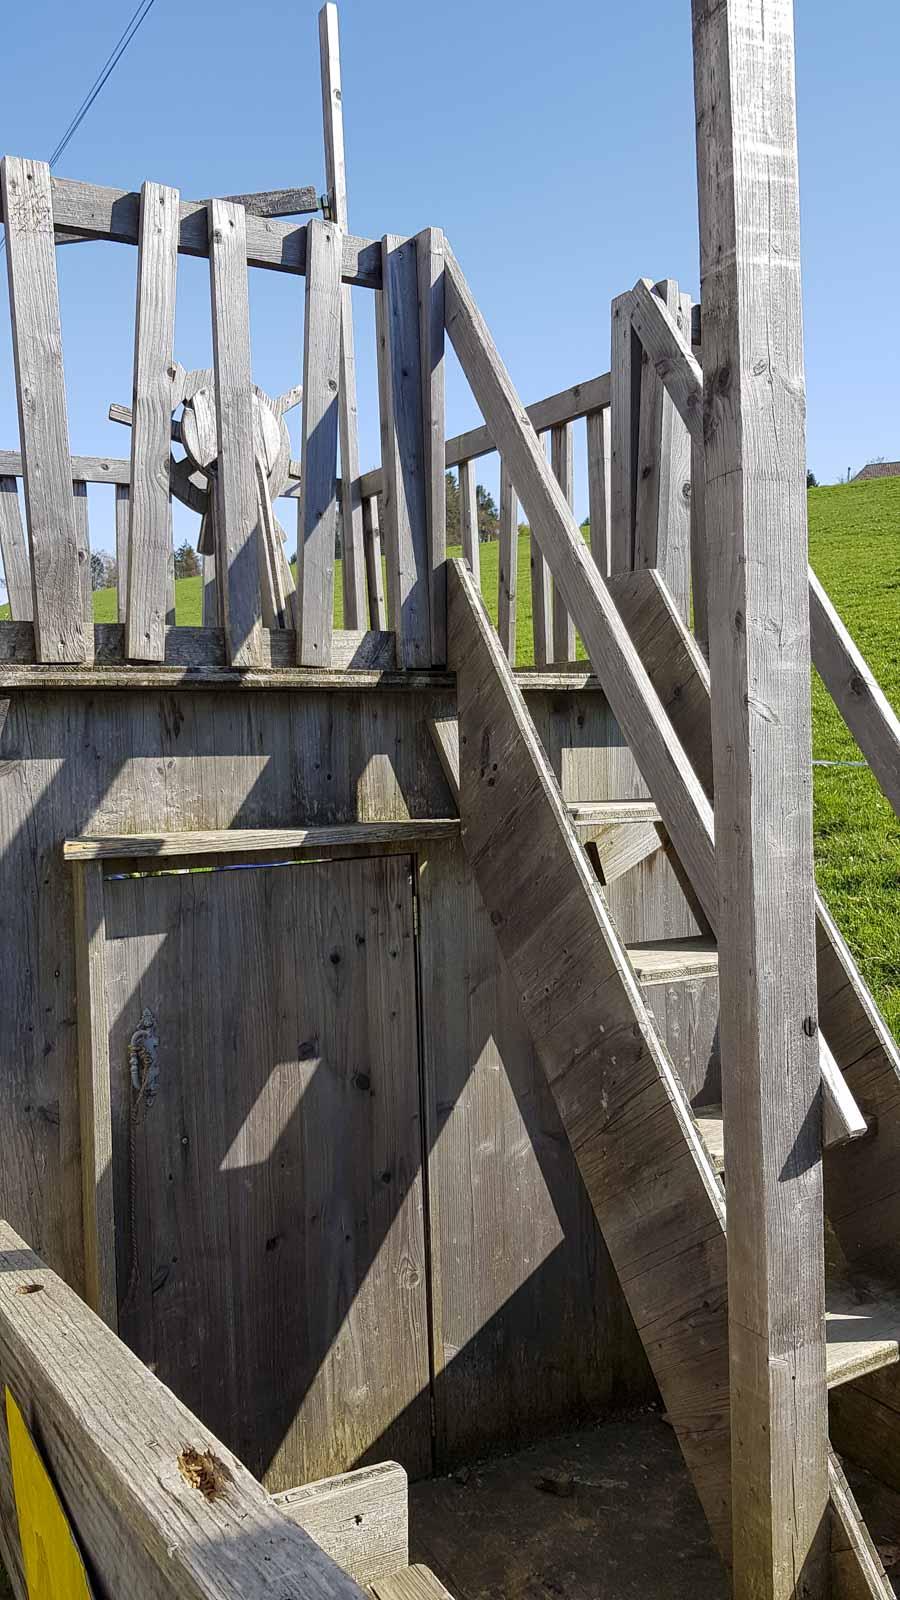 Wooddesign_Terrassengestaltung_Spielplatz_Piratenschiff_Naturholz_Lärchenholz vergraut (3)